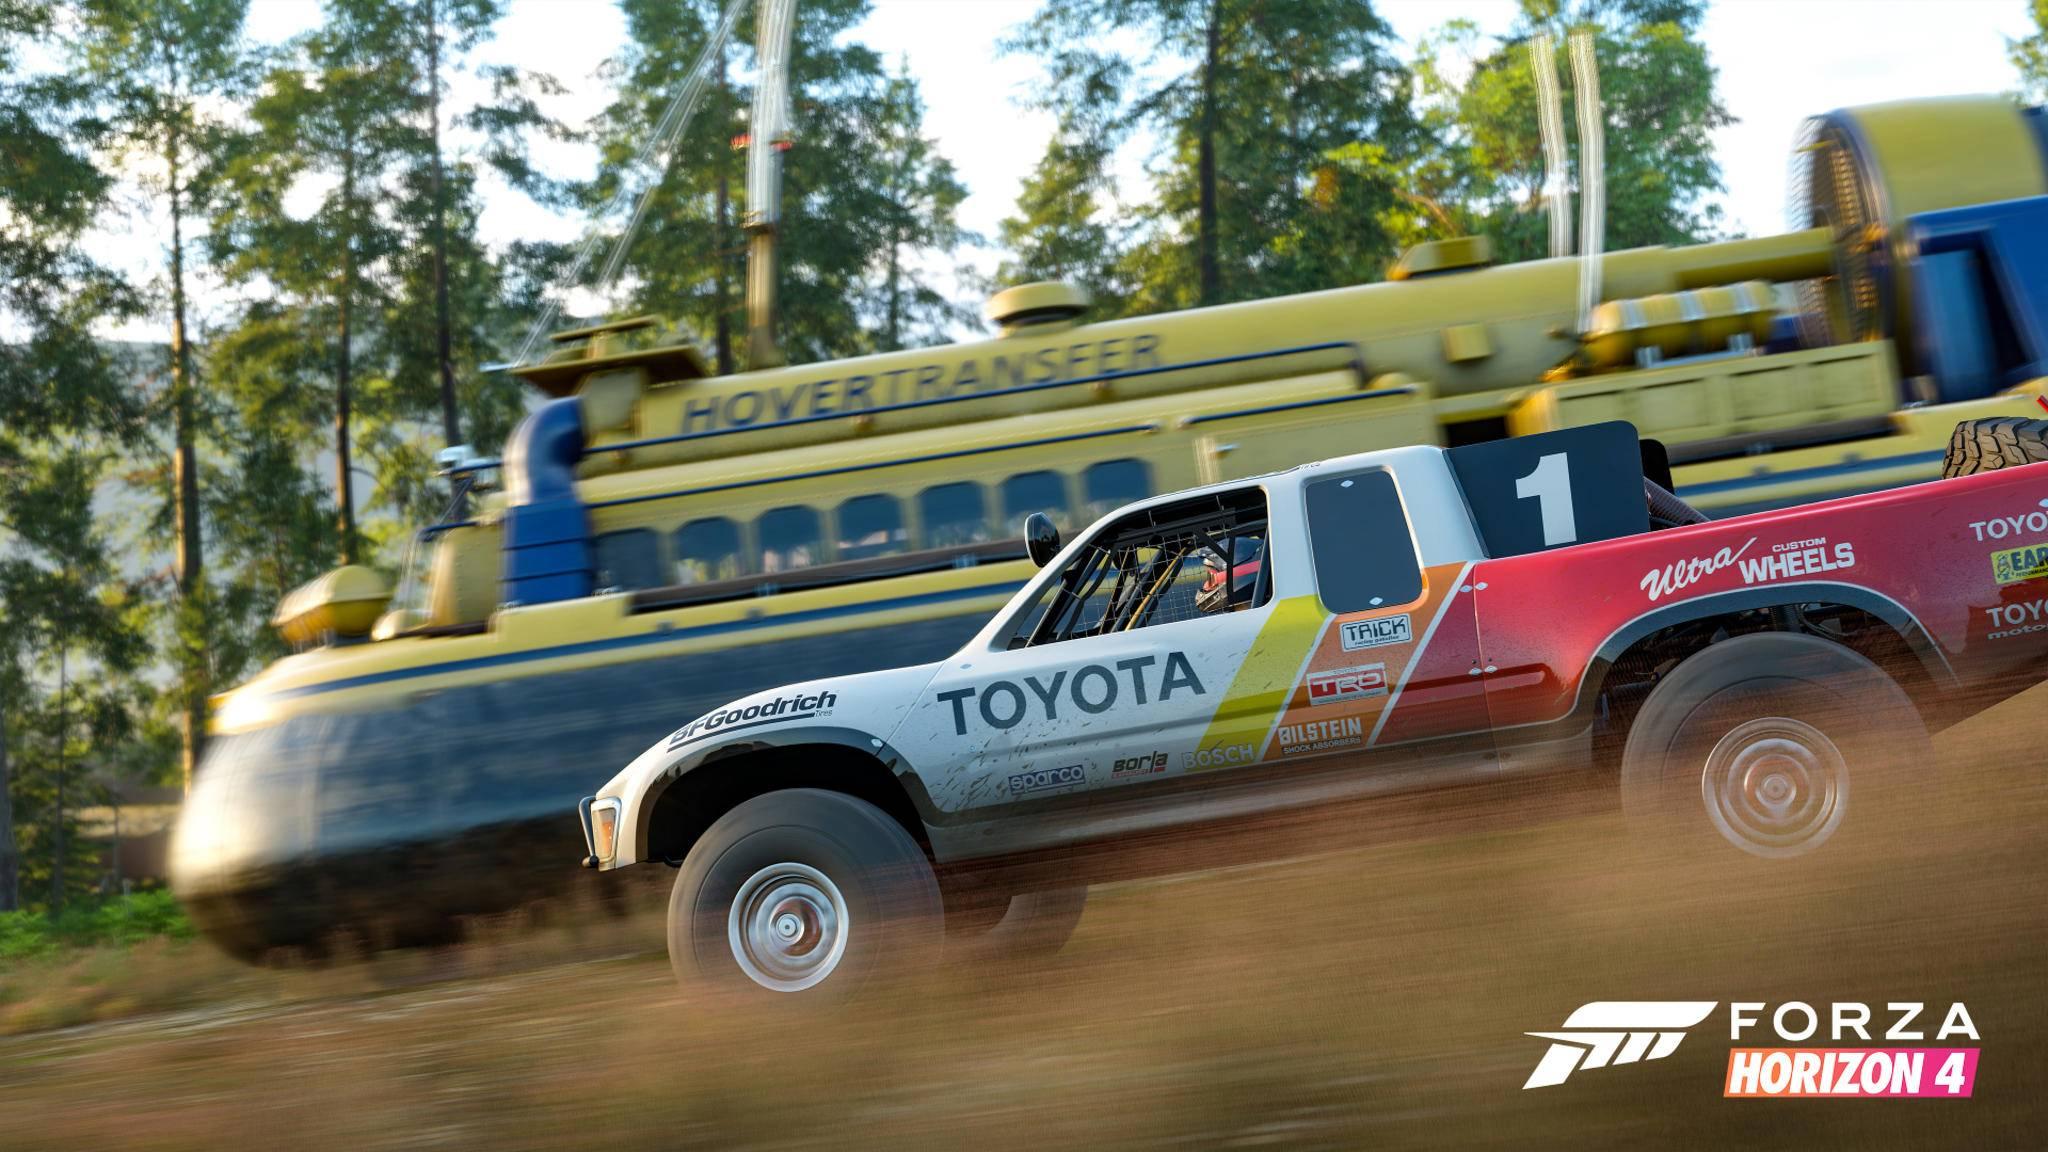 """Hovercrafts sind nicht die einzigen verrückten Fahrzeuge in """"Forza Horizon 4""""."""